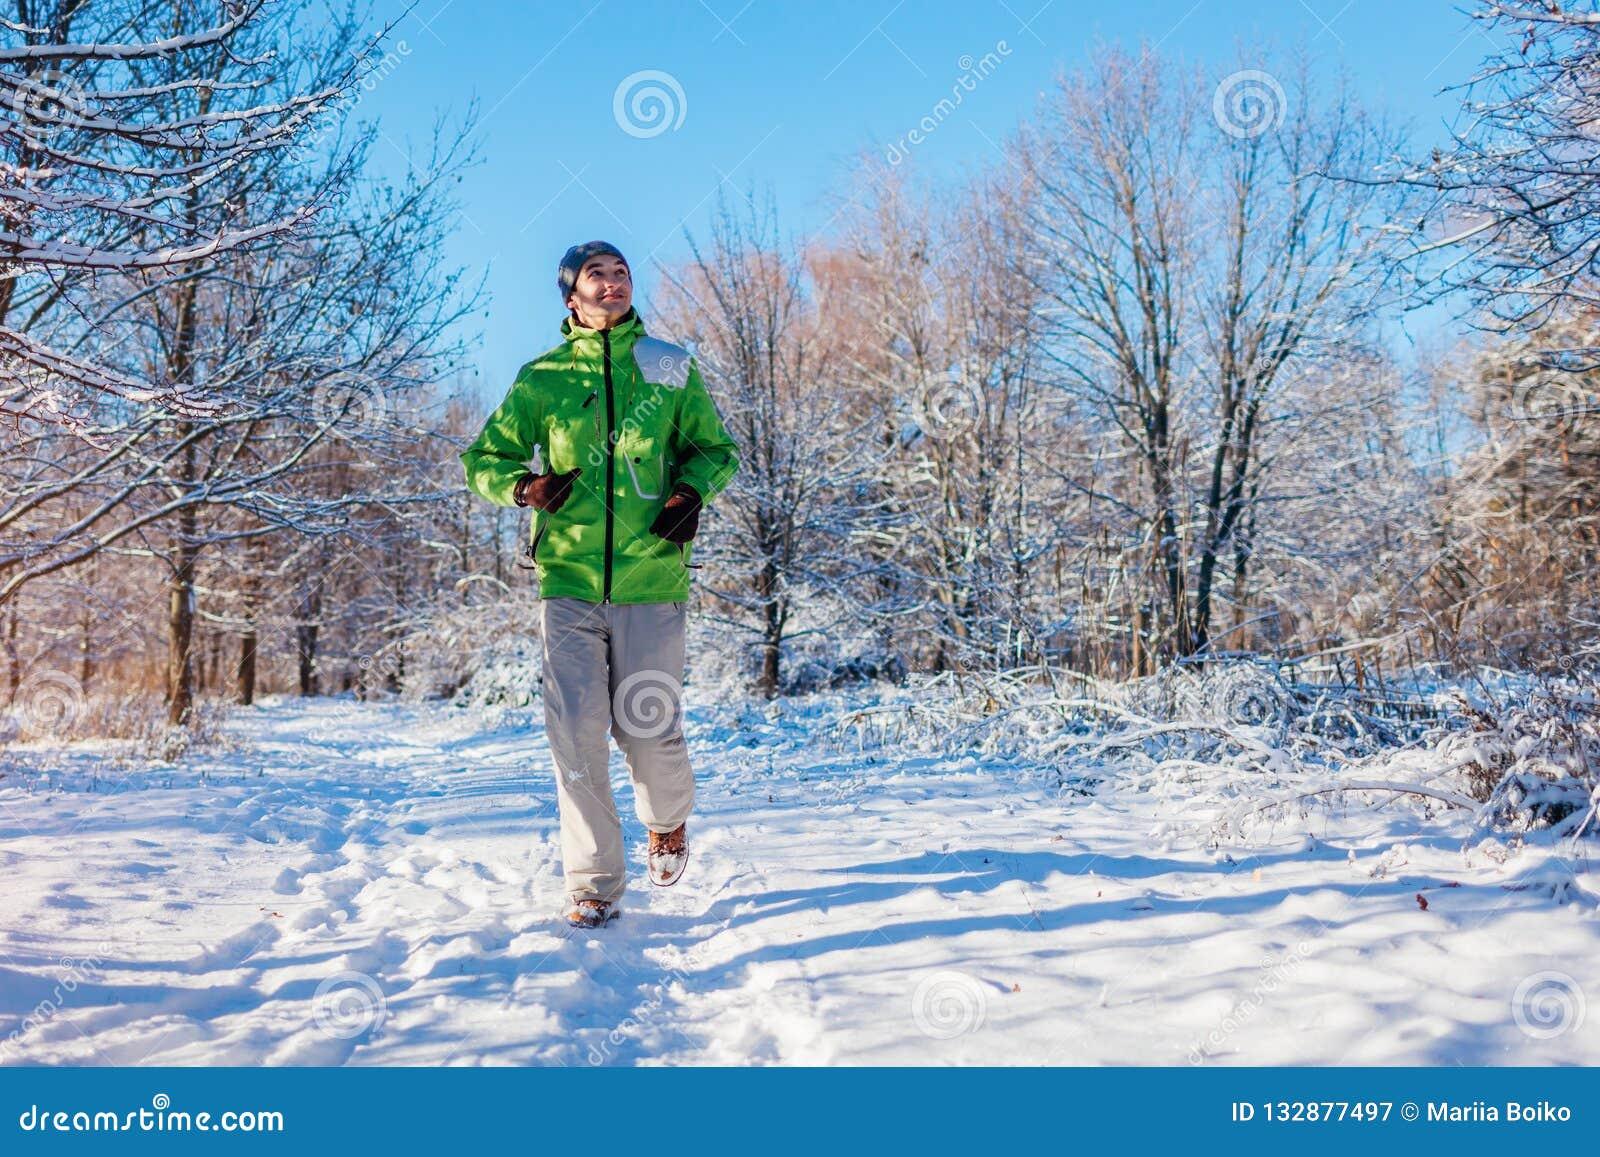 Działający atleta mężczyzna biec sprintem w zimy lasowy Stażowy outside w zimnej śnieżnej pogodzie Aktywny zdrowy sposób życia